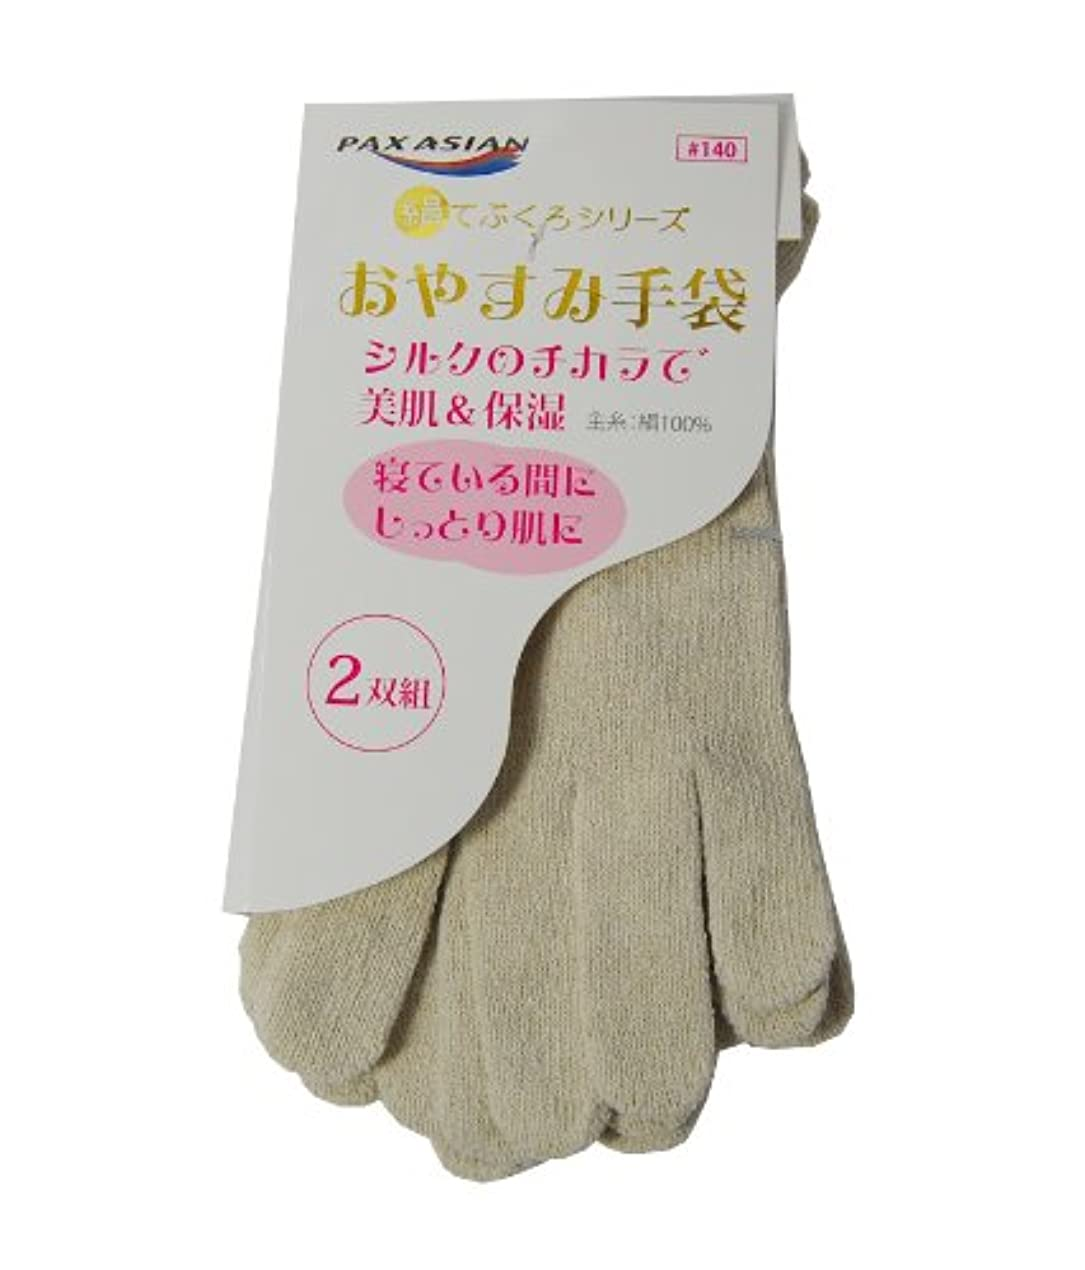 個人ディスカウントブランデーPAX-ASIAN おやすみ シルク手袋 フレアータイプ 絹 100% ソフト 婦人用 2双組 #140